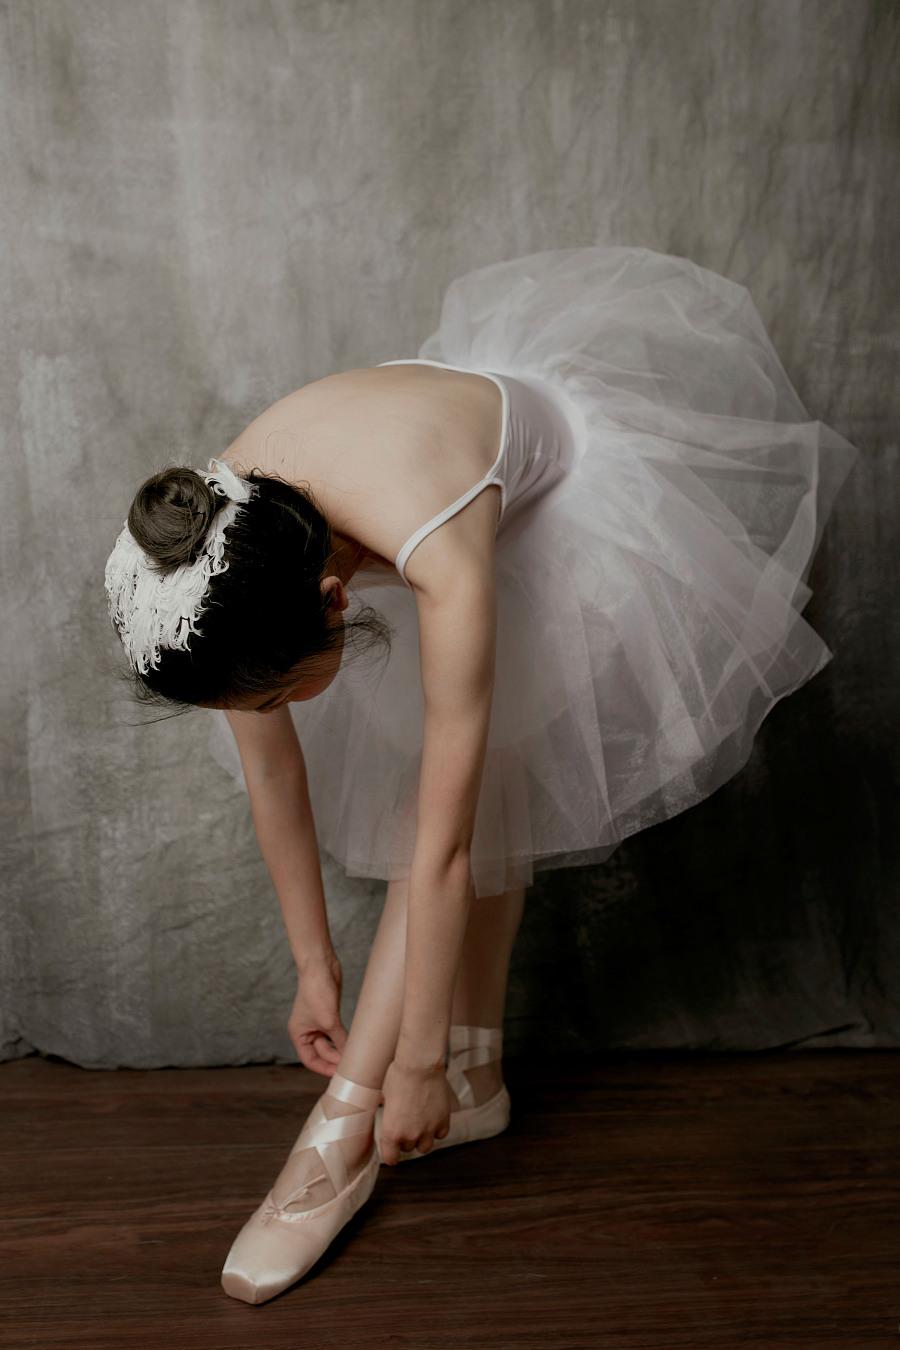 芭蕾女孩|人像|摄影|i